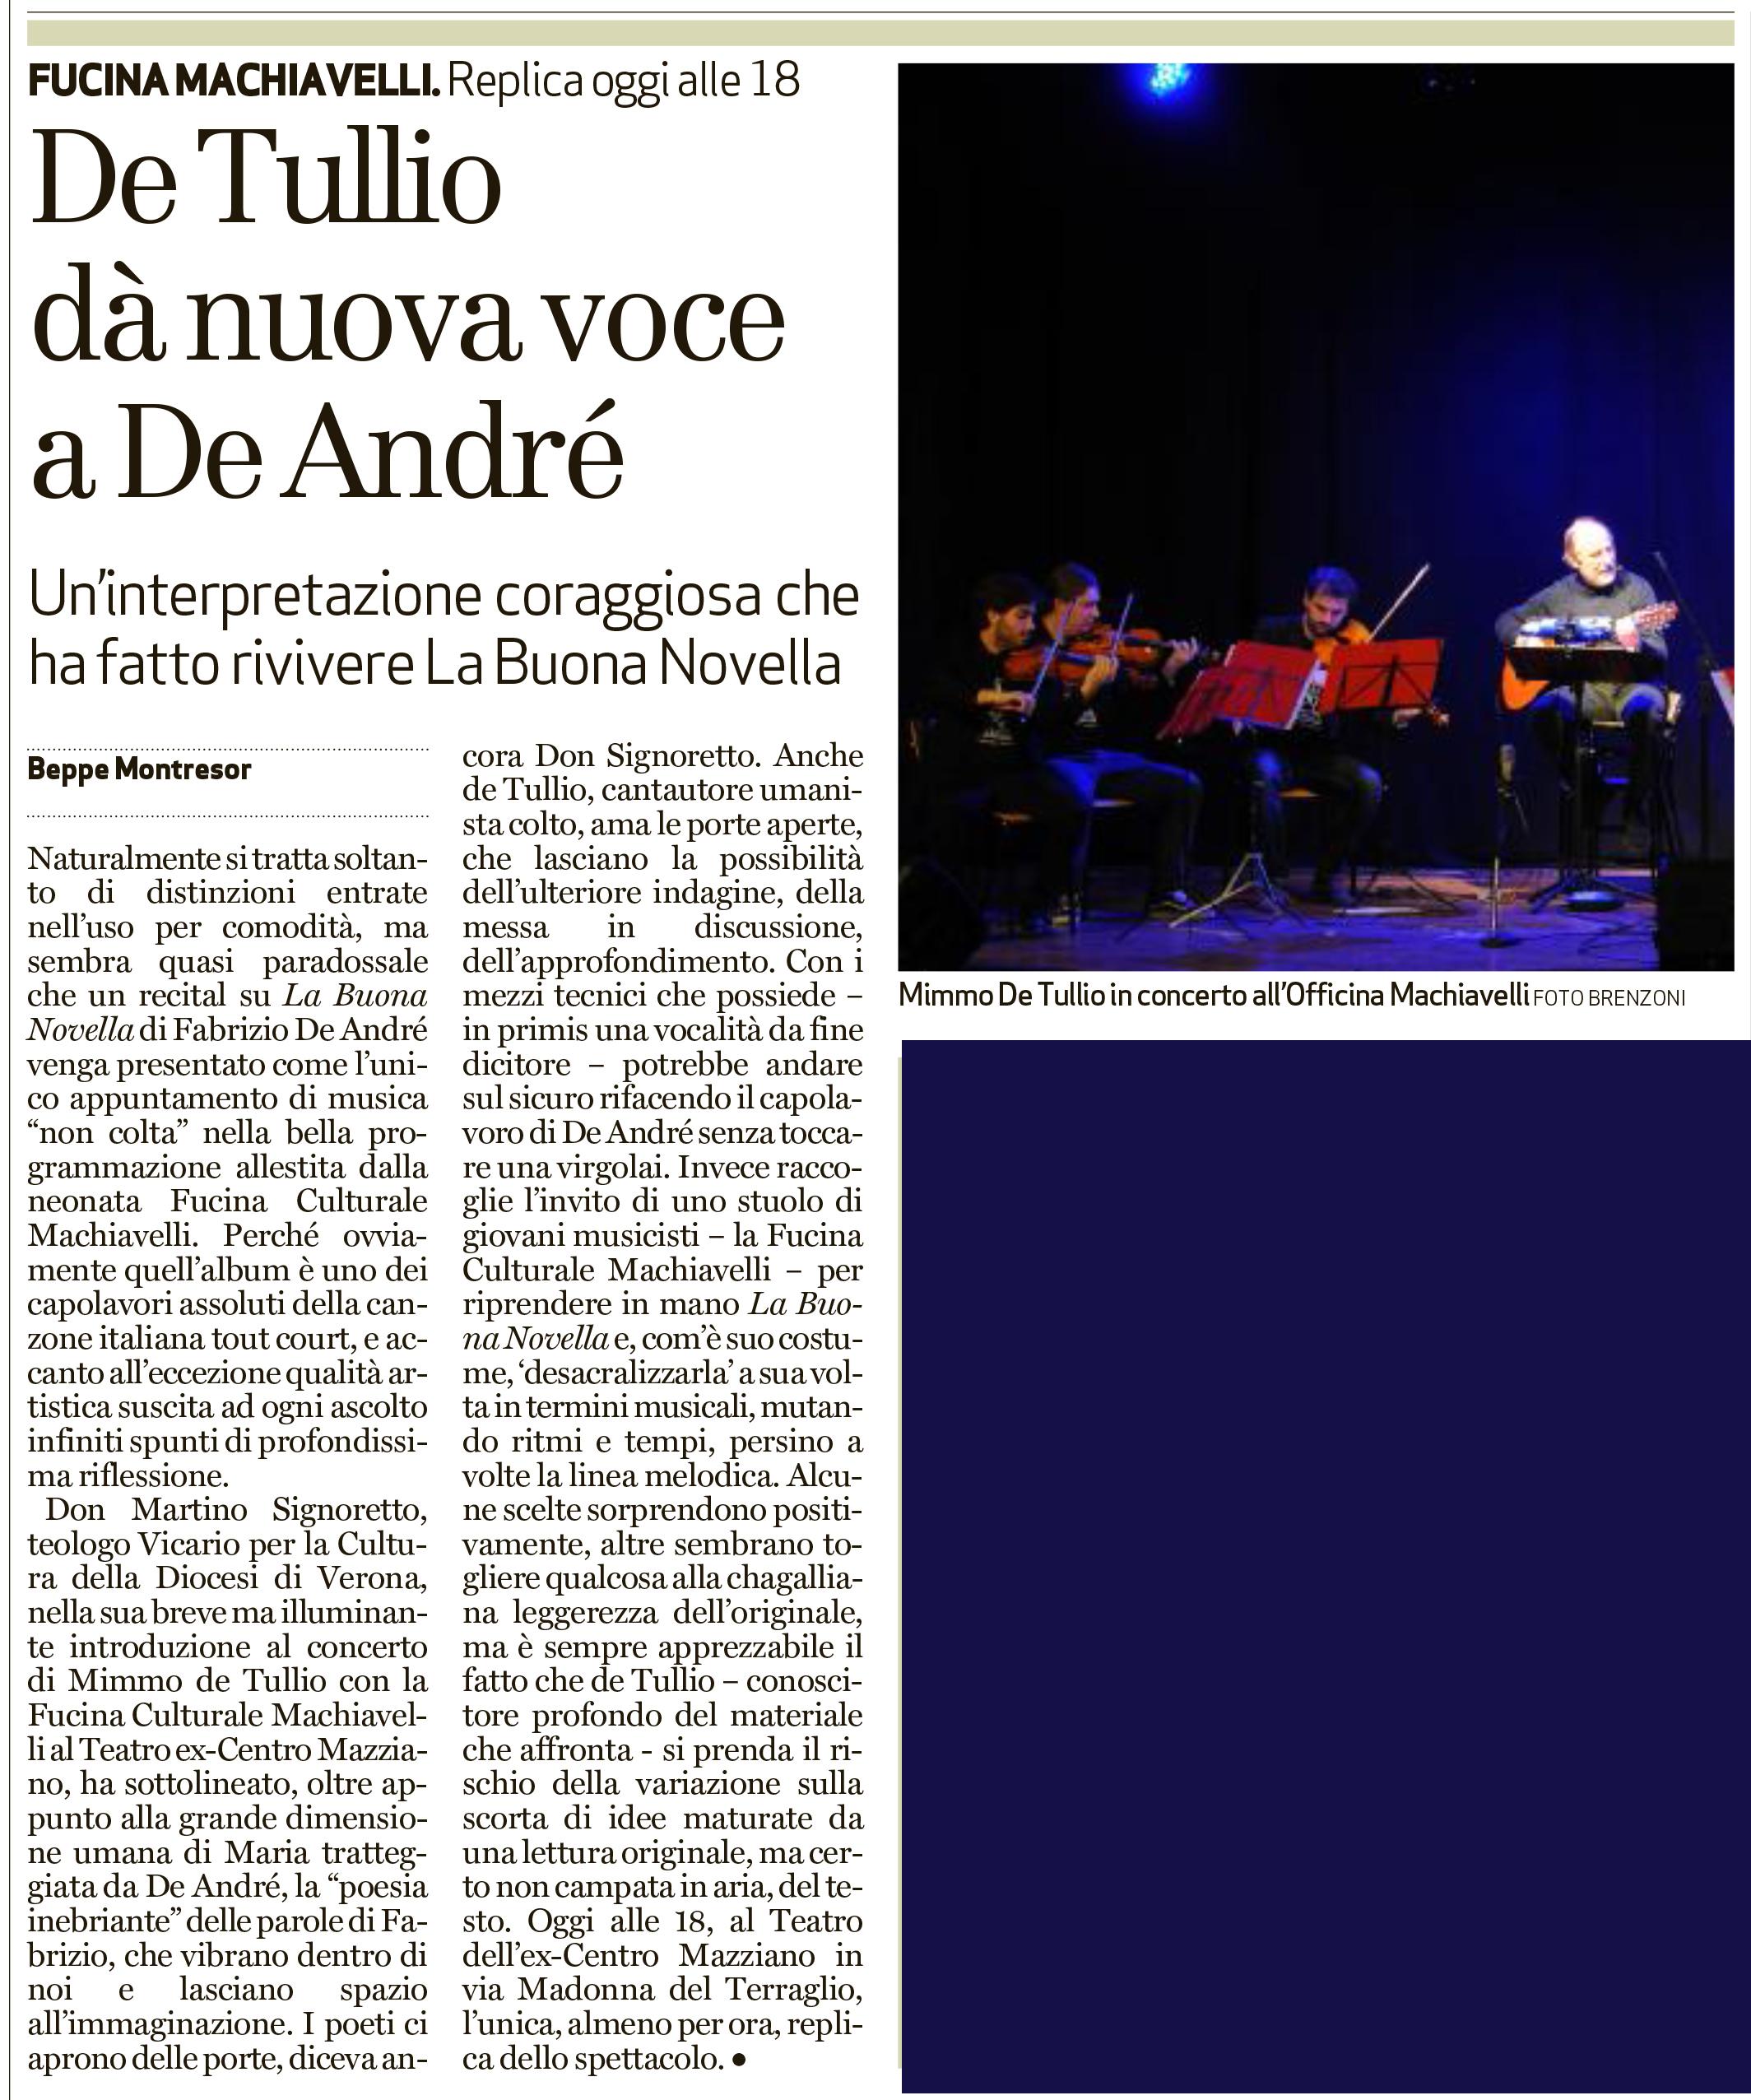 Recensione di La Buona Novella, L'Arena, 20 dicembre 2015